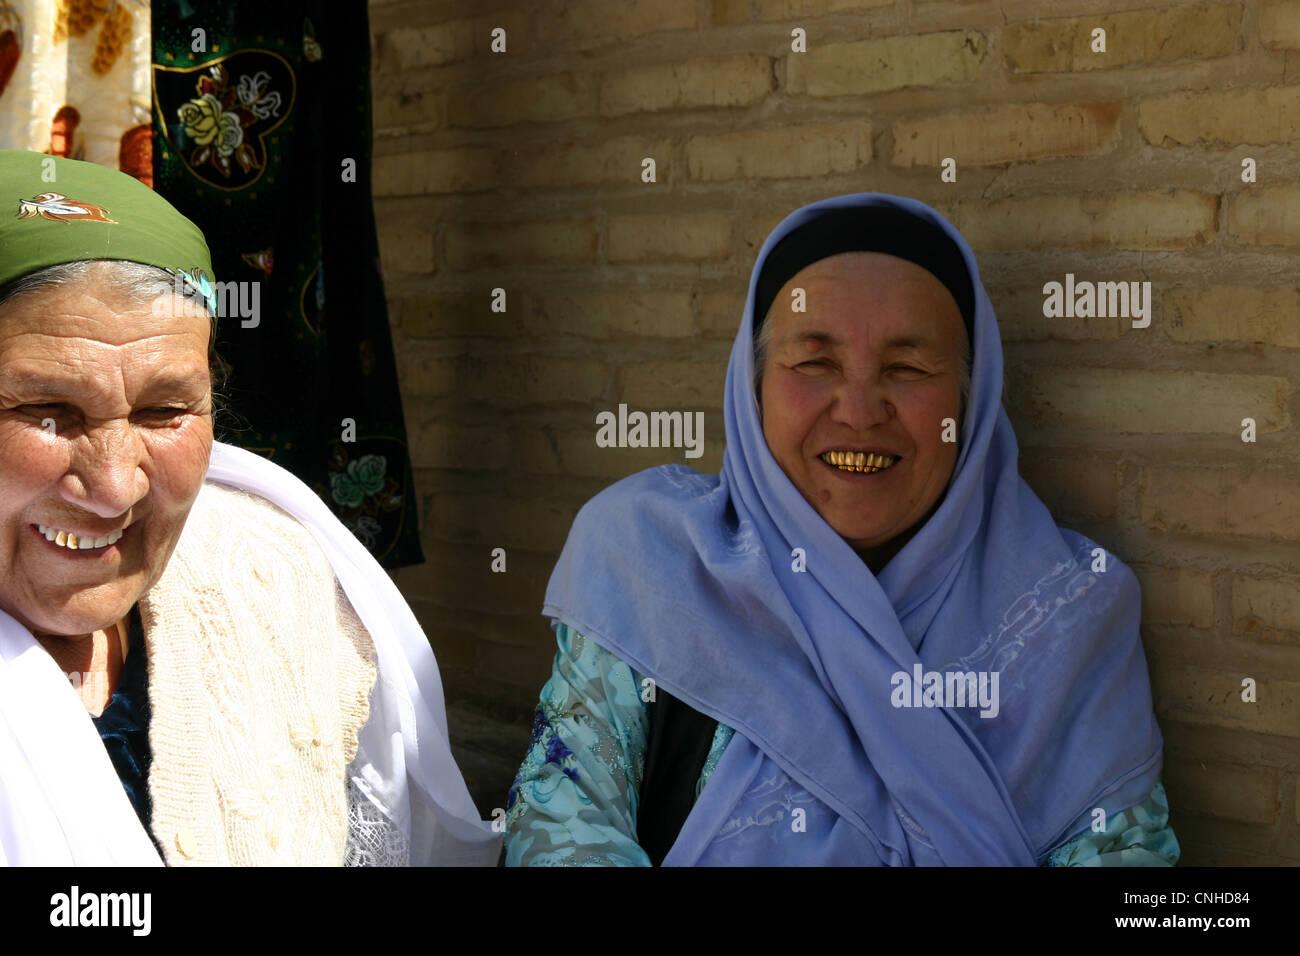 Signora tradizionale con denti di oro in Samarcanda, Uzbekistan Immagini Stock